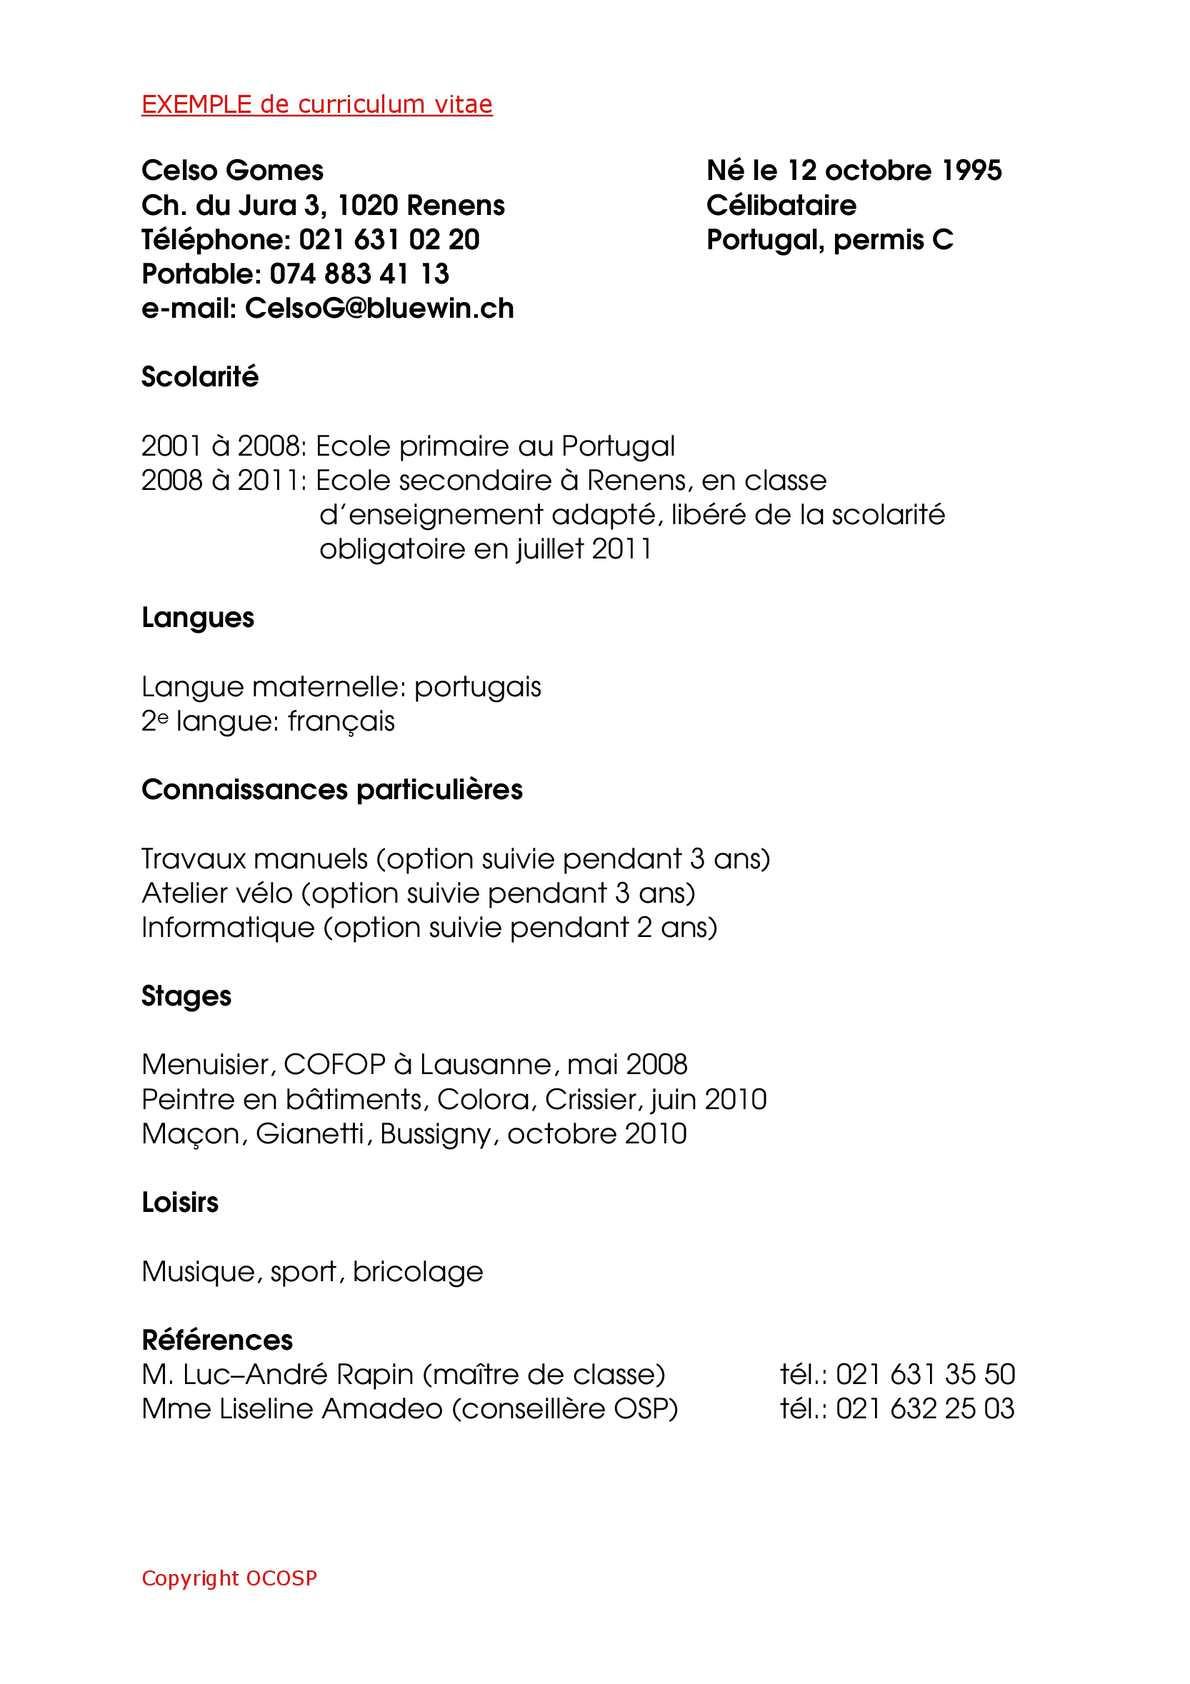 Lettre de motivation portugais - laboite-cv.fr